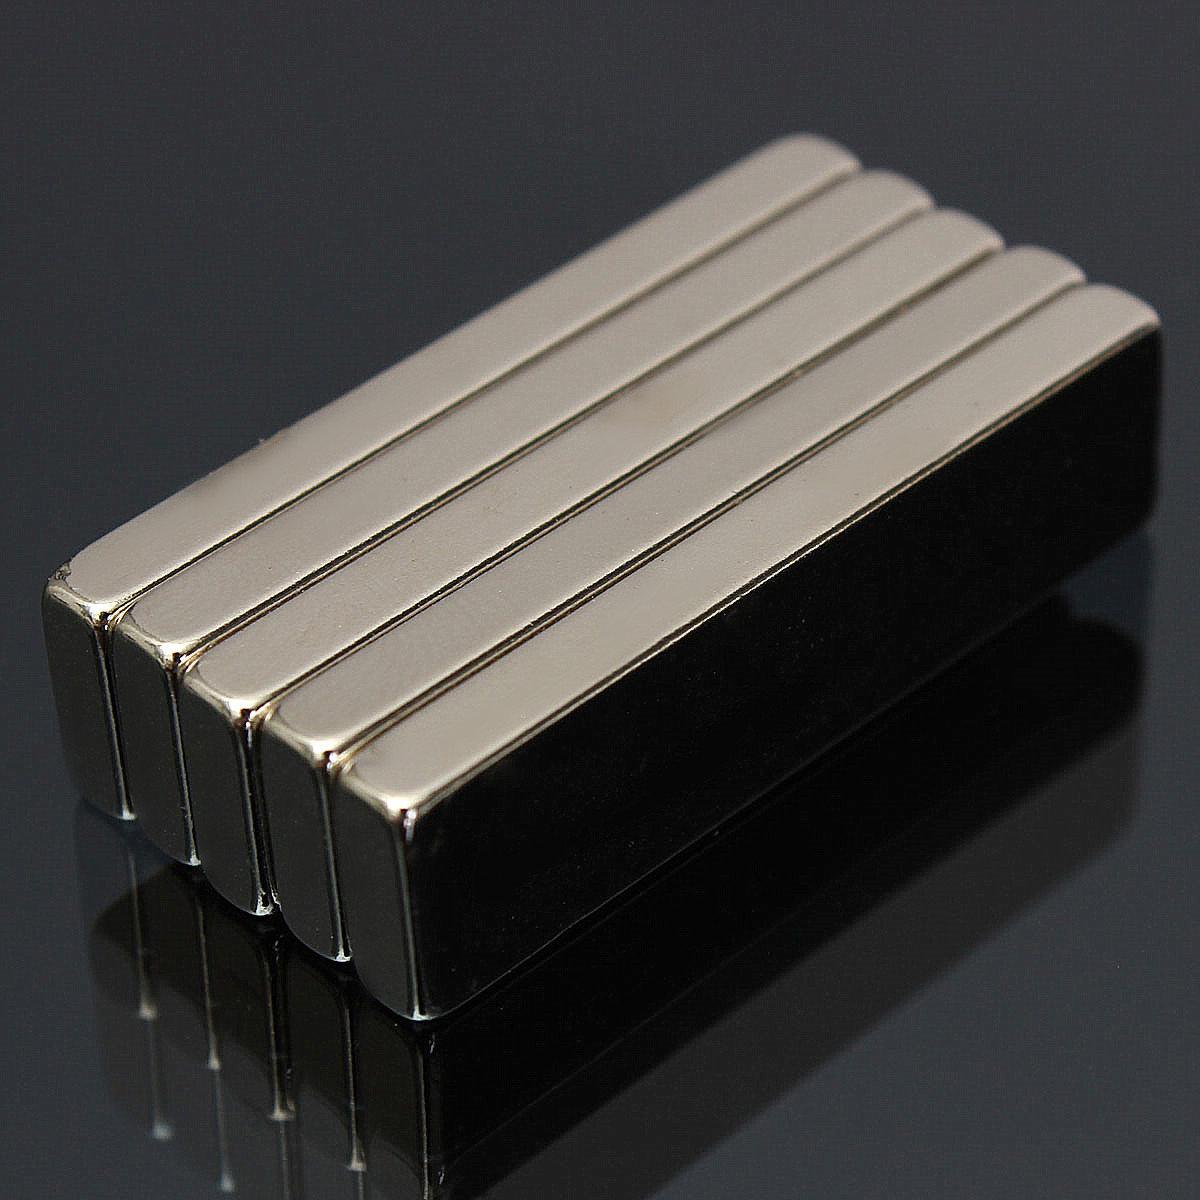 5pcs n52 40x10x4mm сильный блок магниты редкоземельные неодимовые магниты